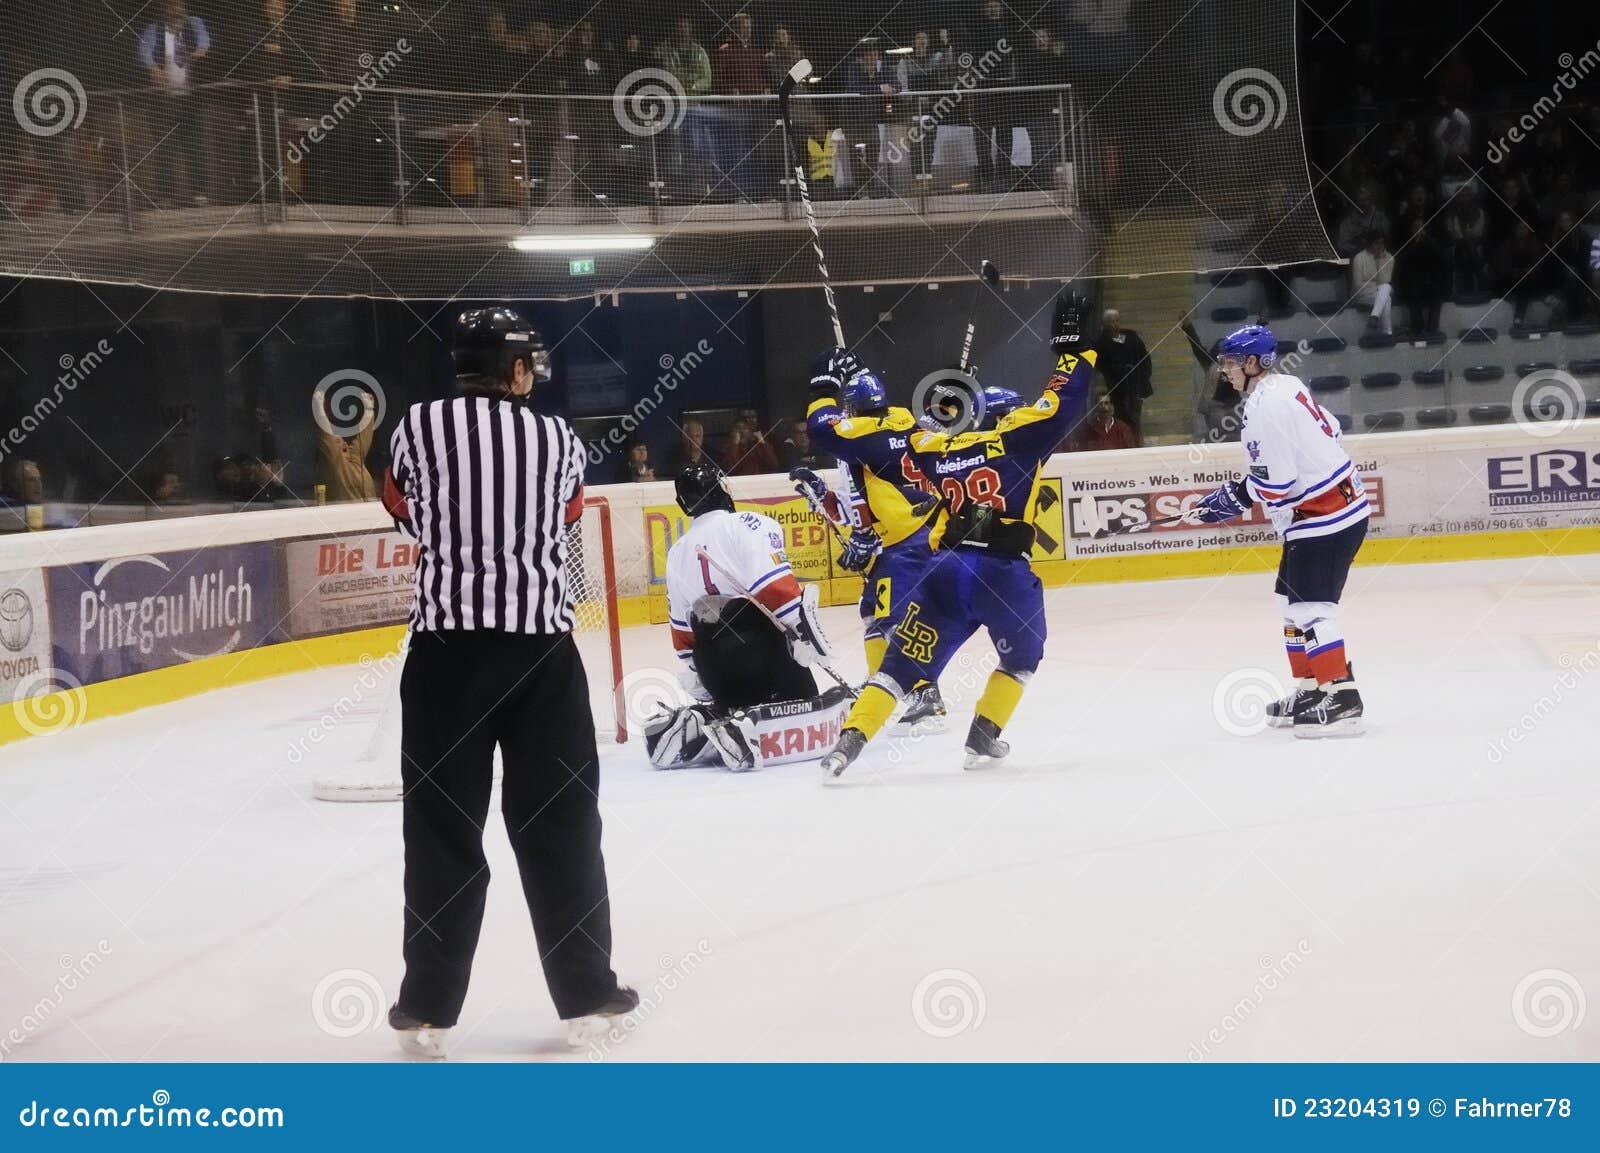 Hockey celebration editorial stock image. Image of male ...